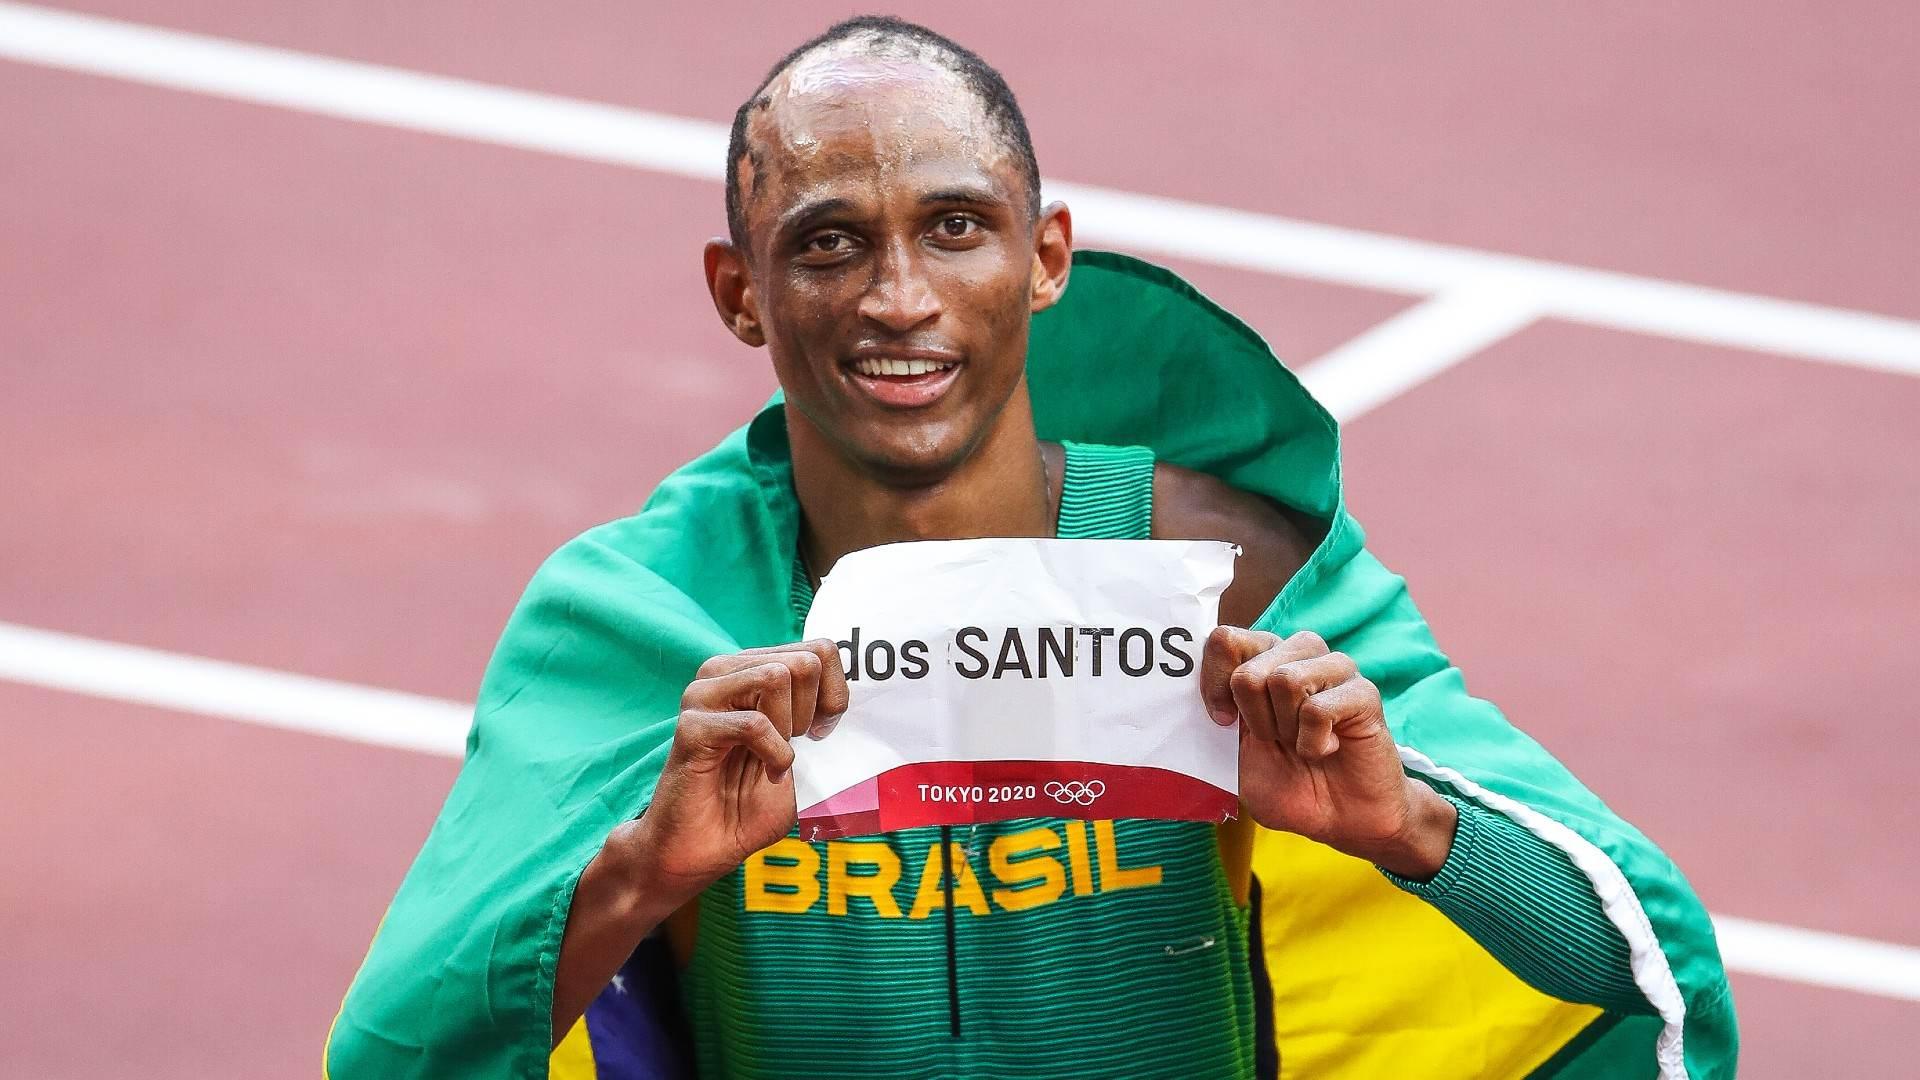 Alison dos Santos comemora o bronze nos 400m com barreiras